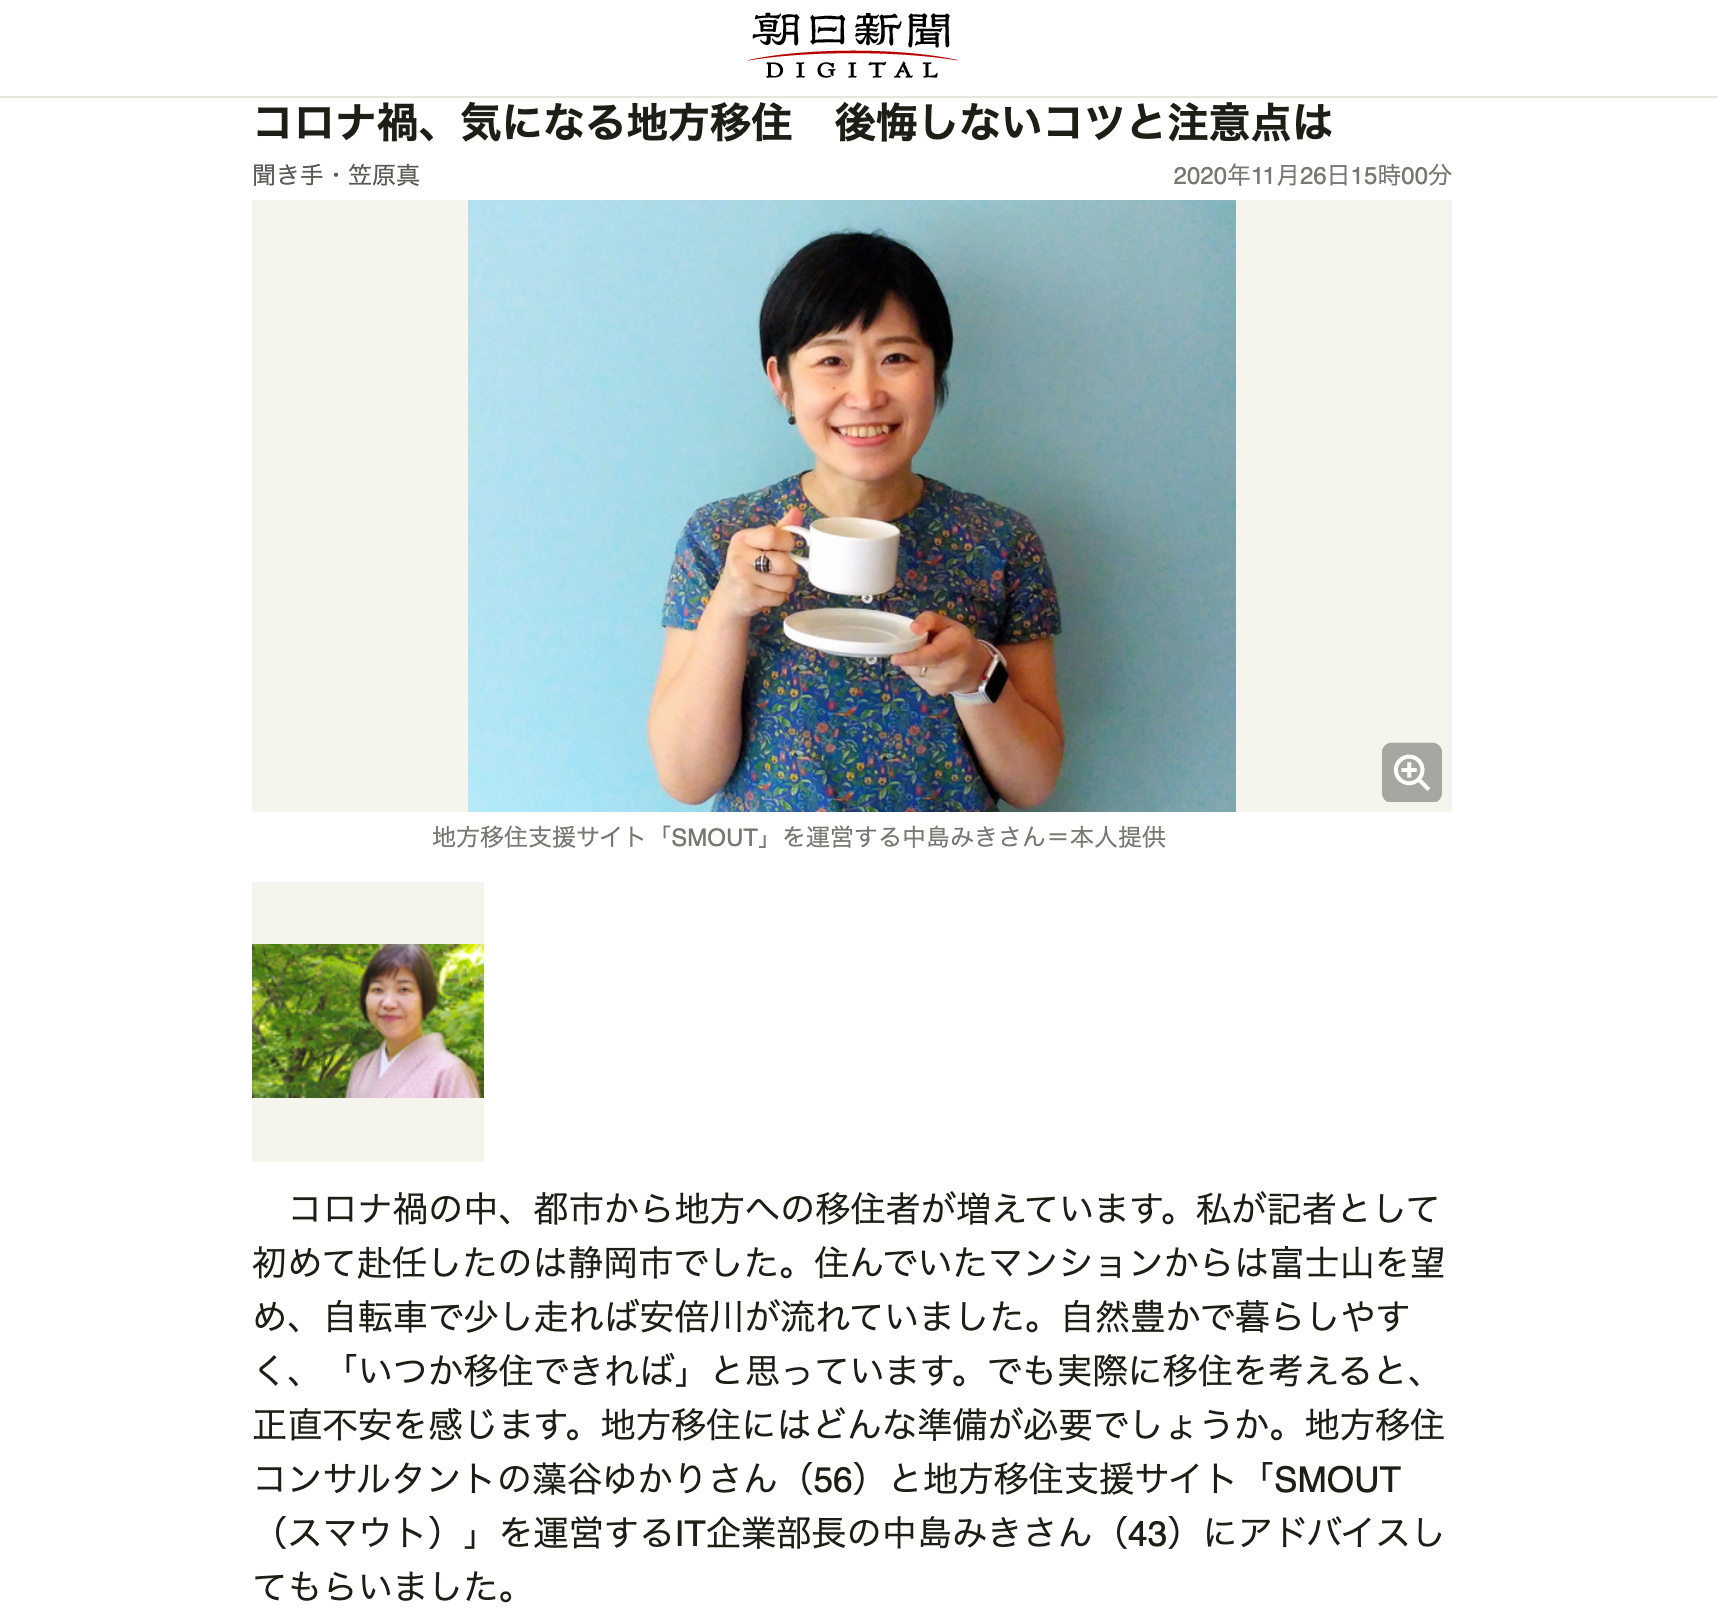 朝日新聞デジタルにSMOUTが紹介されました